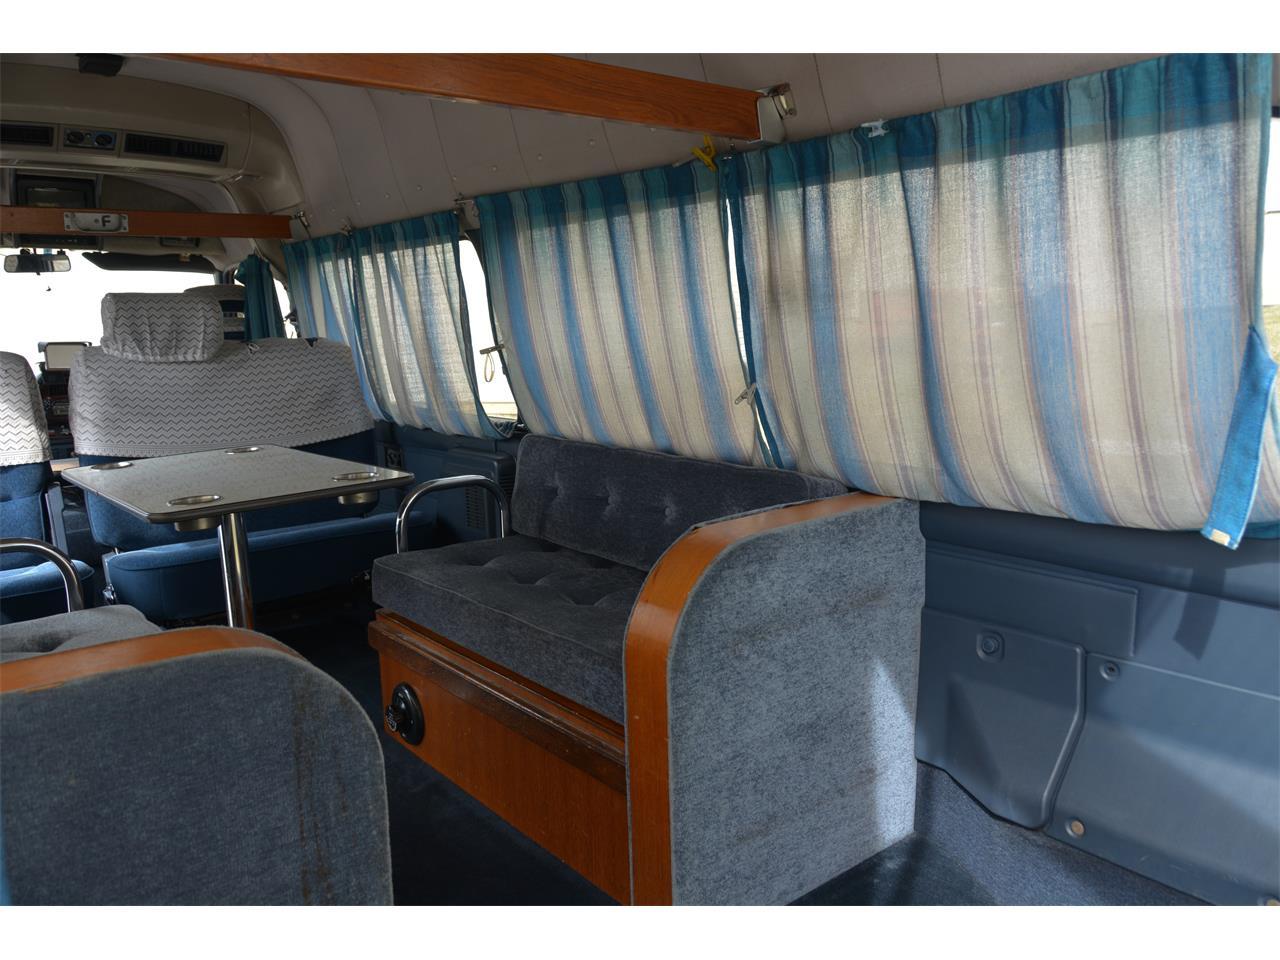 Large Picture of '90 Nissan Caravan - $17,900.00 - LN58